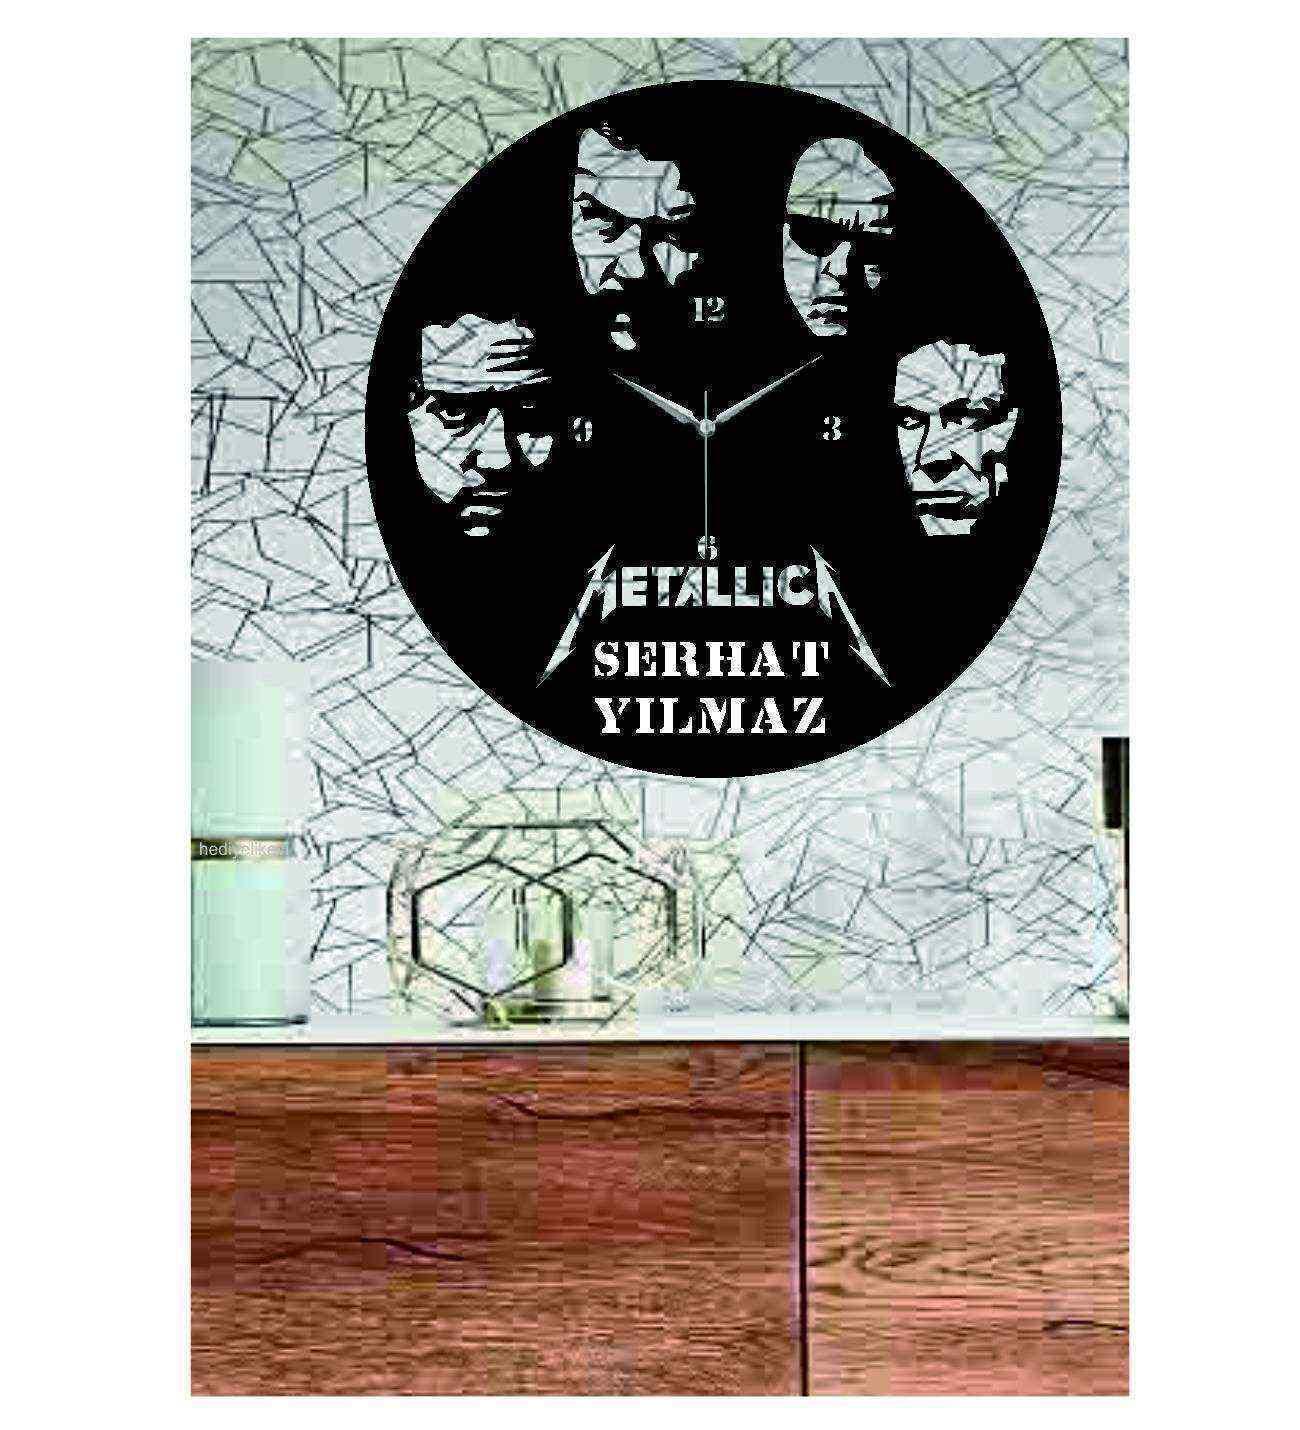 Kişiye Özel İsimli Metallica Temalı Dekoratif Ahşap Duvar Saati